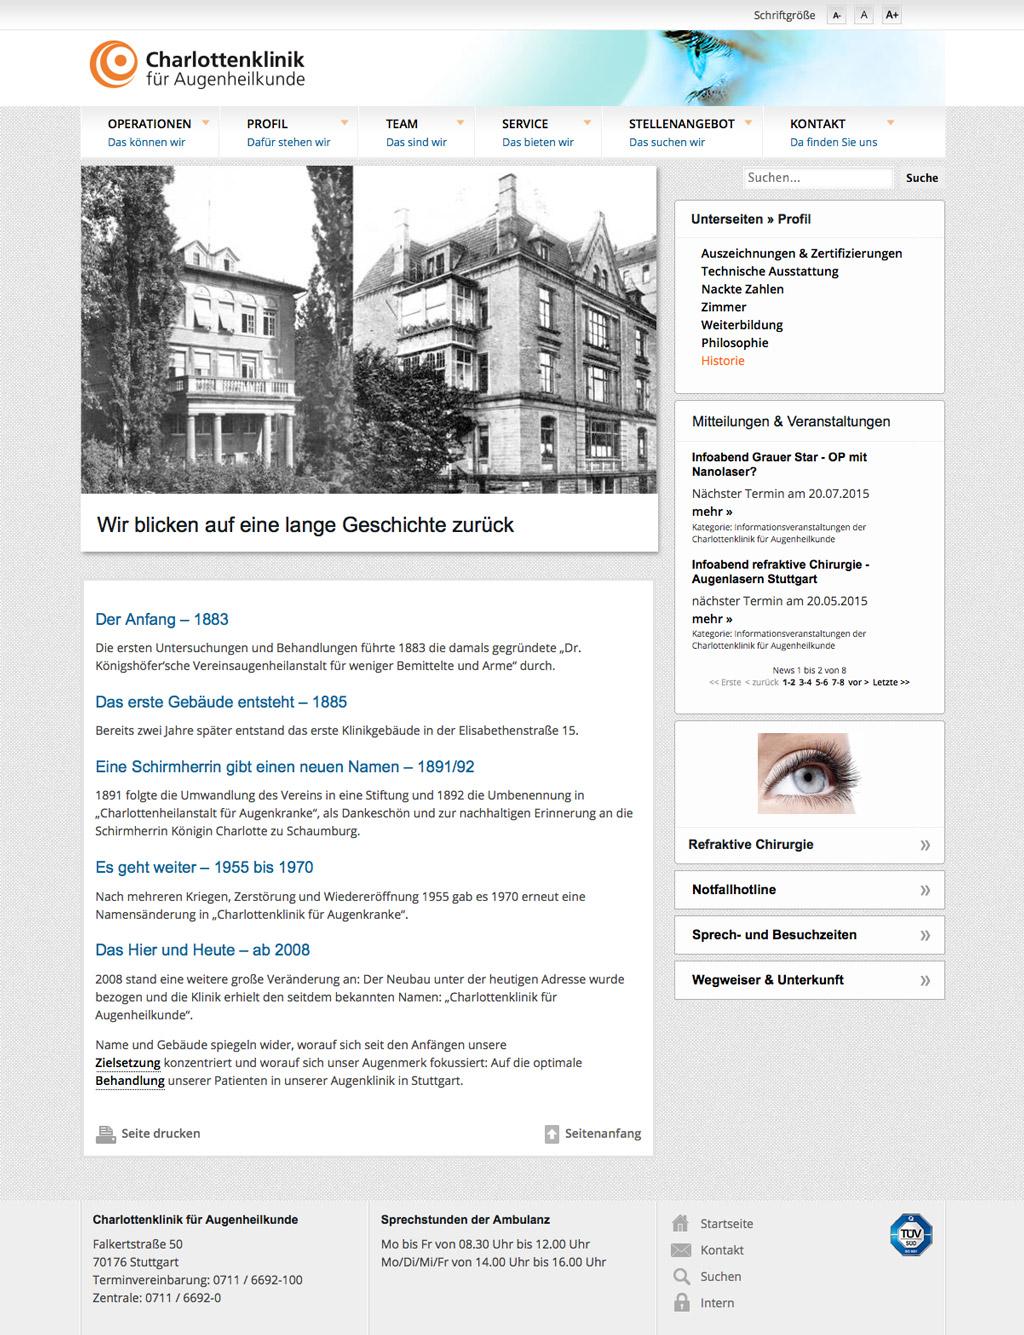 Charlottenklinik für Augenheilkunde